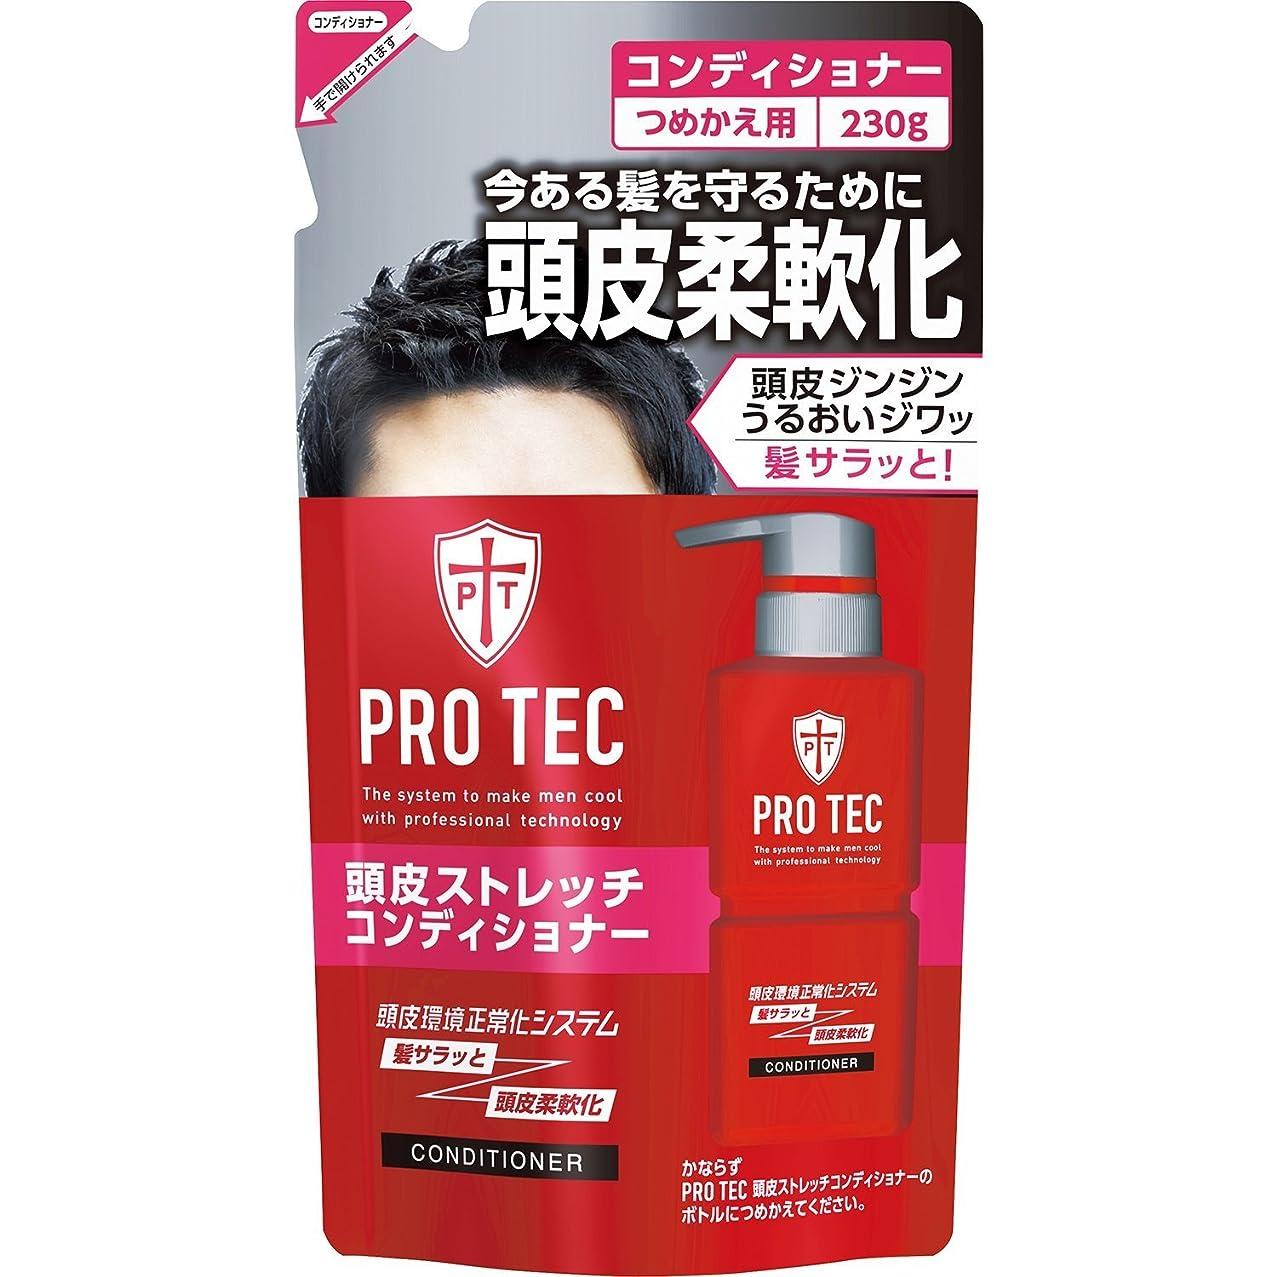 お勧めアンソロジーキャッシュPRO TEC(プロテク) 頭皮ストレッチ コンディショナー 詰め替え 230g